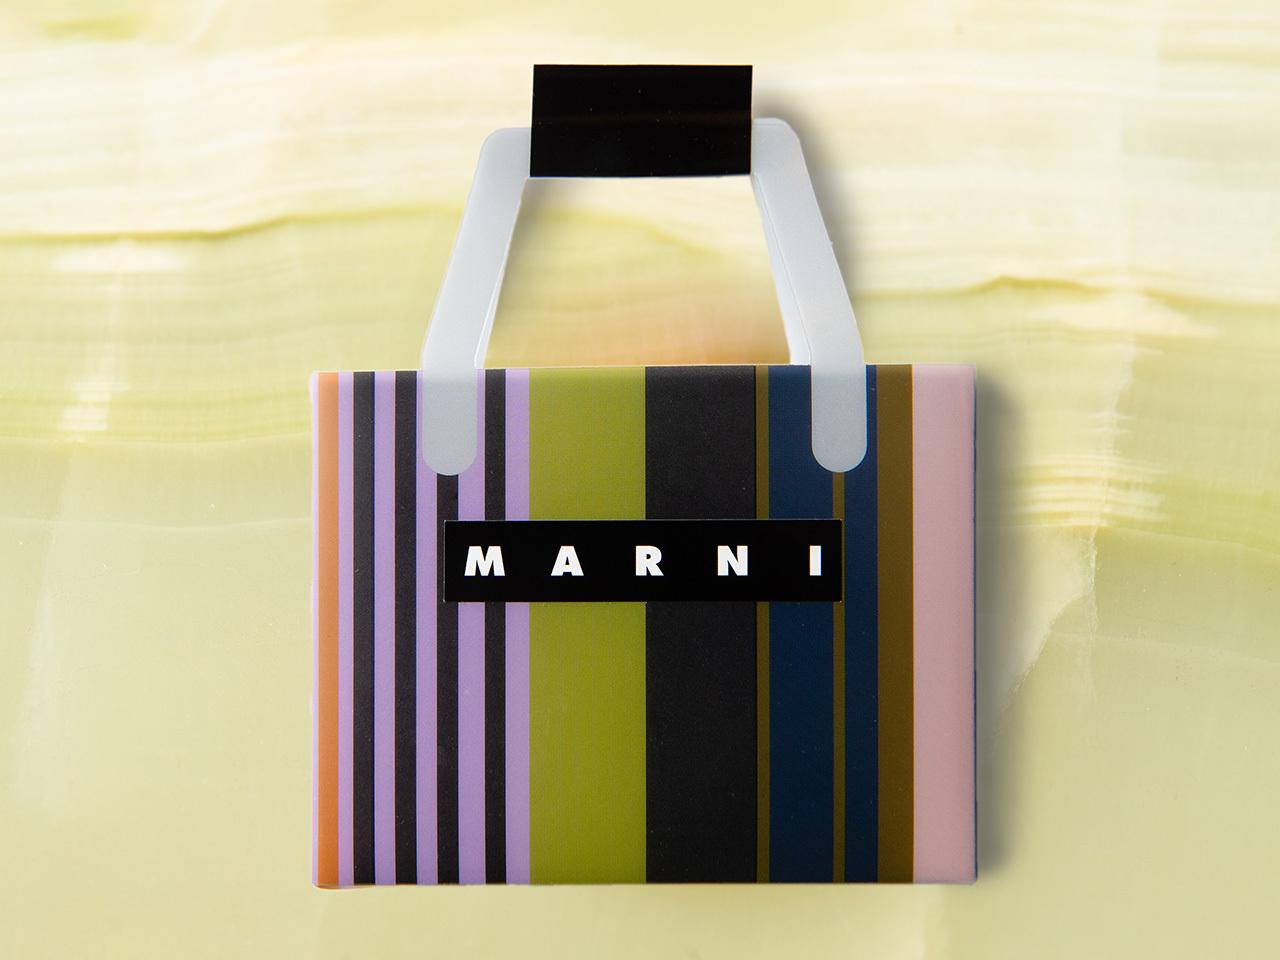 【バレンタイン限定】「MARNI」からユニークなチョコレートバック3種が登場!_1_1-3